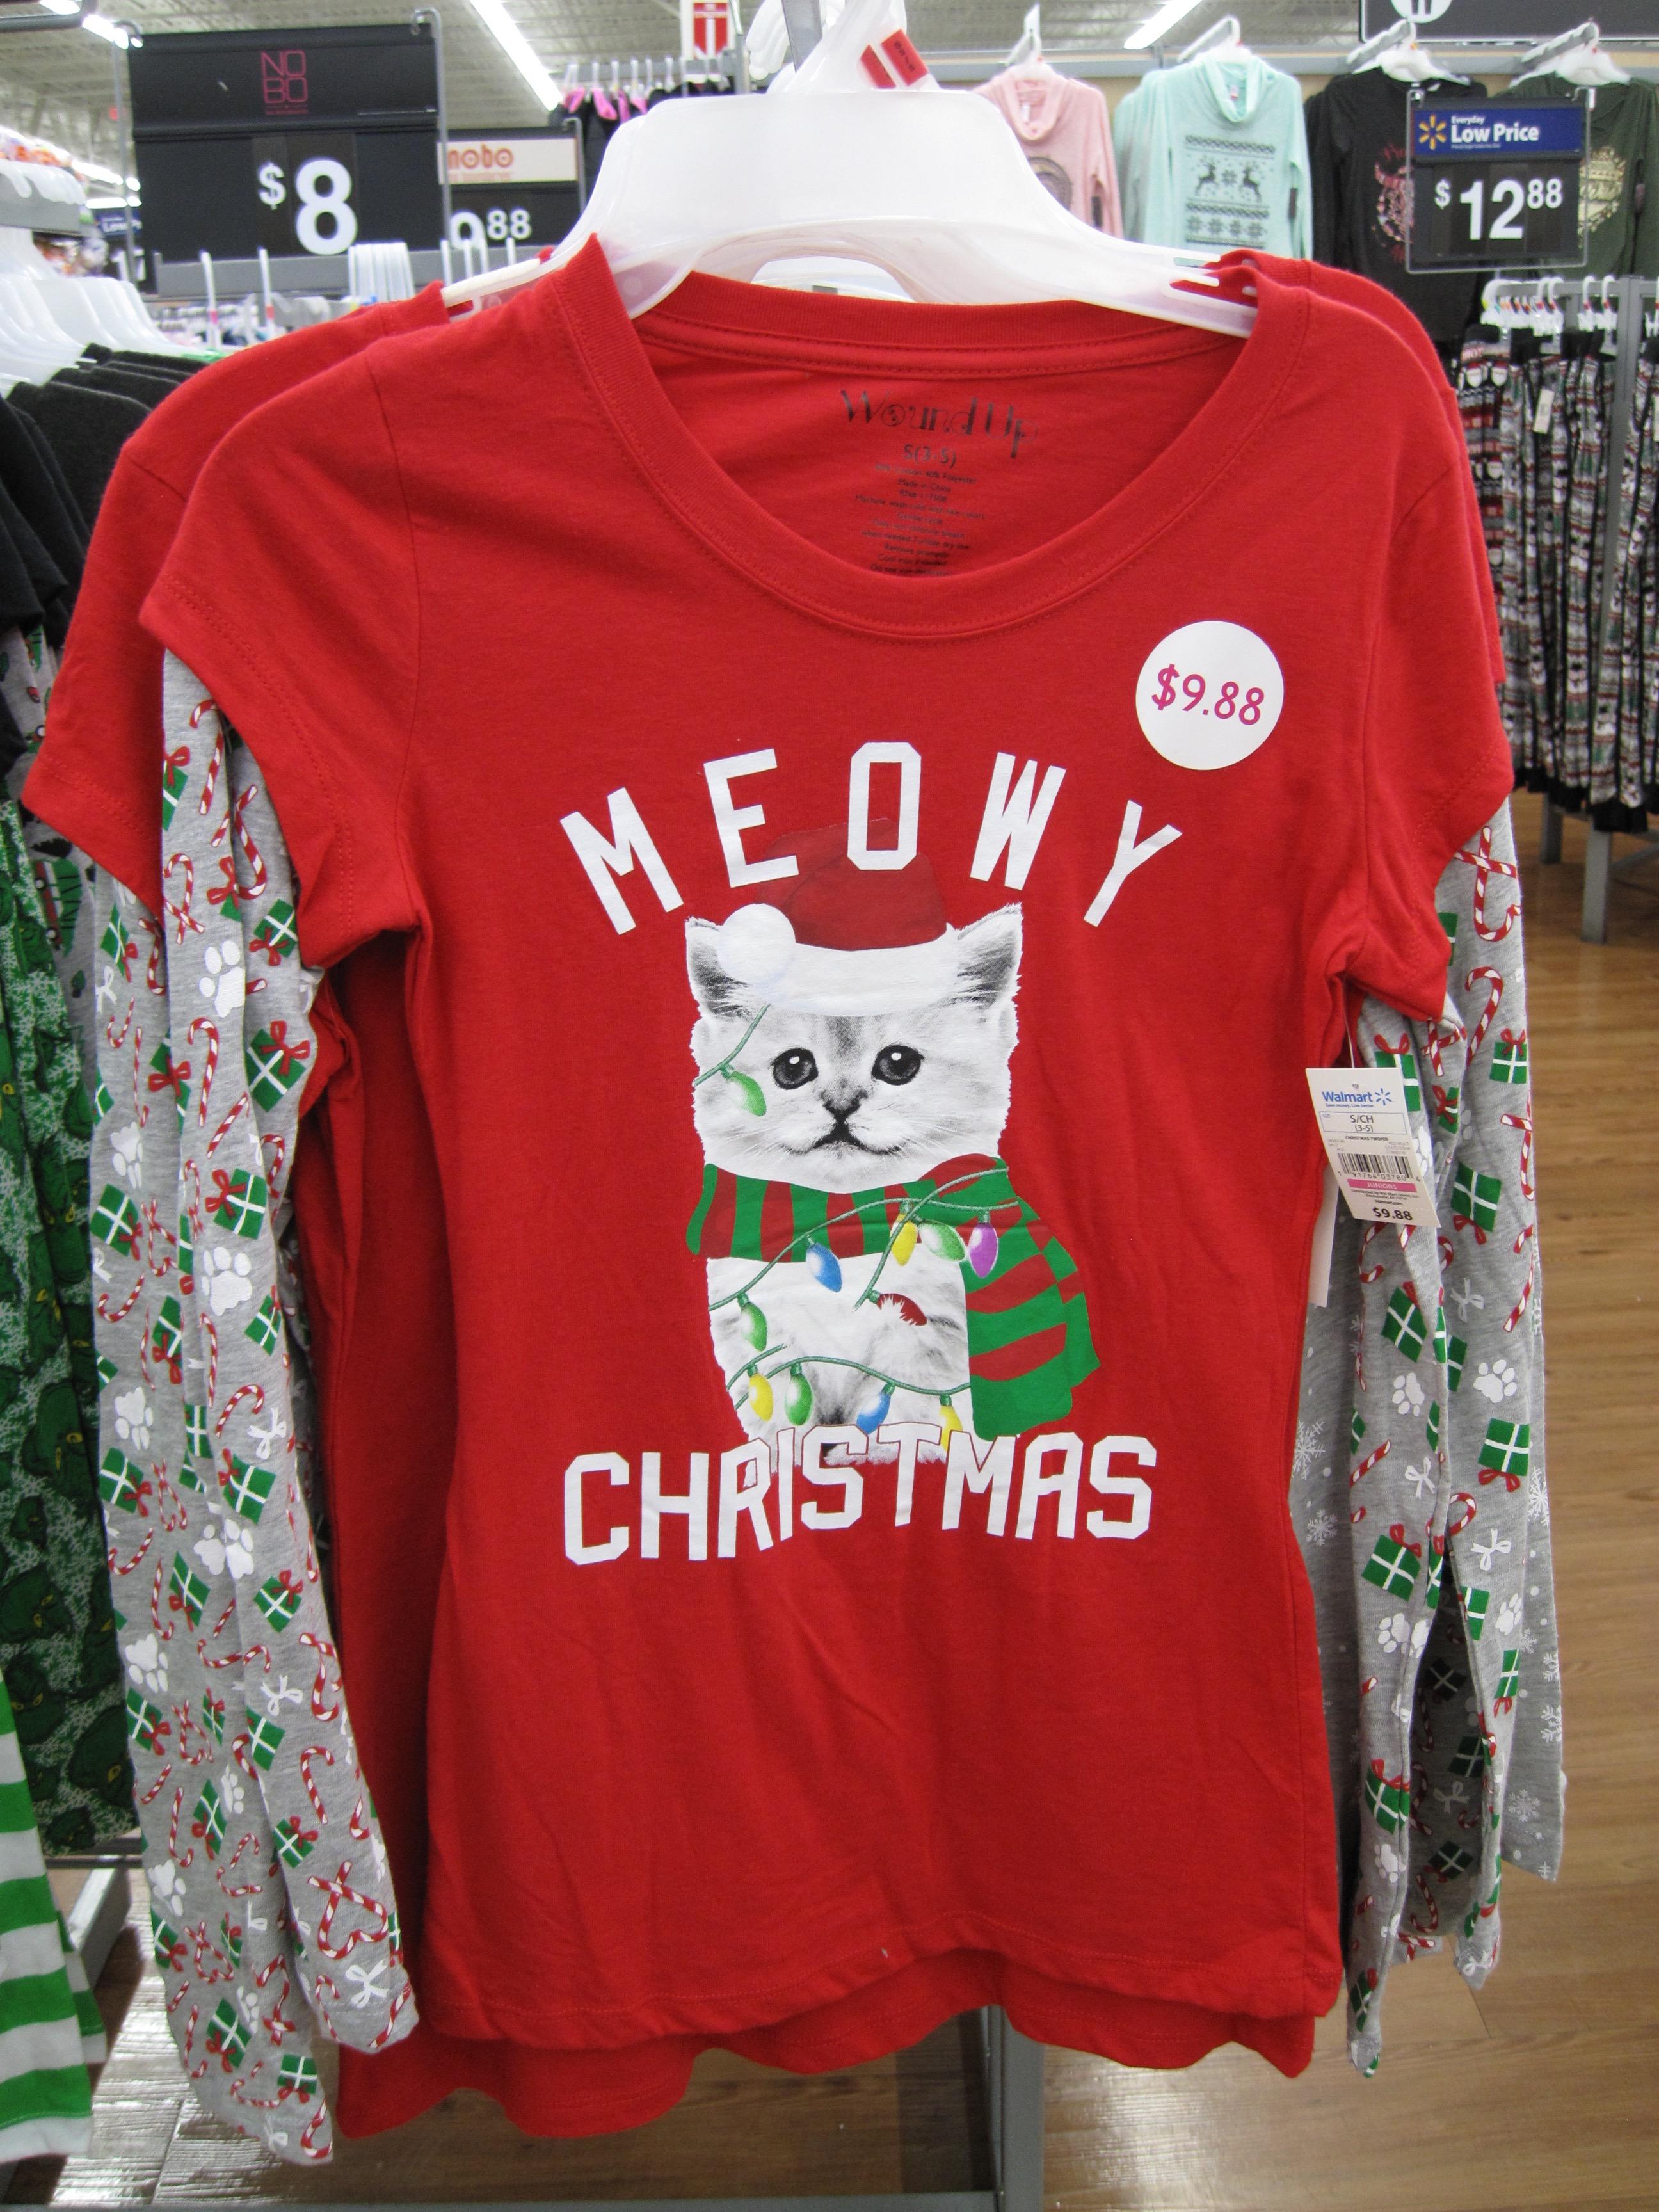 Walmart Christmas Sweater Dress Anlis